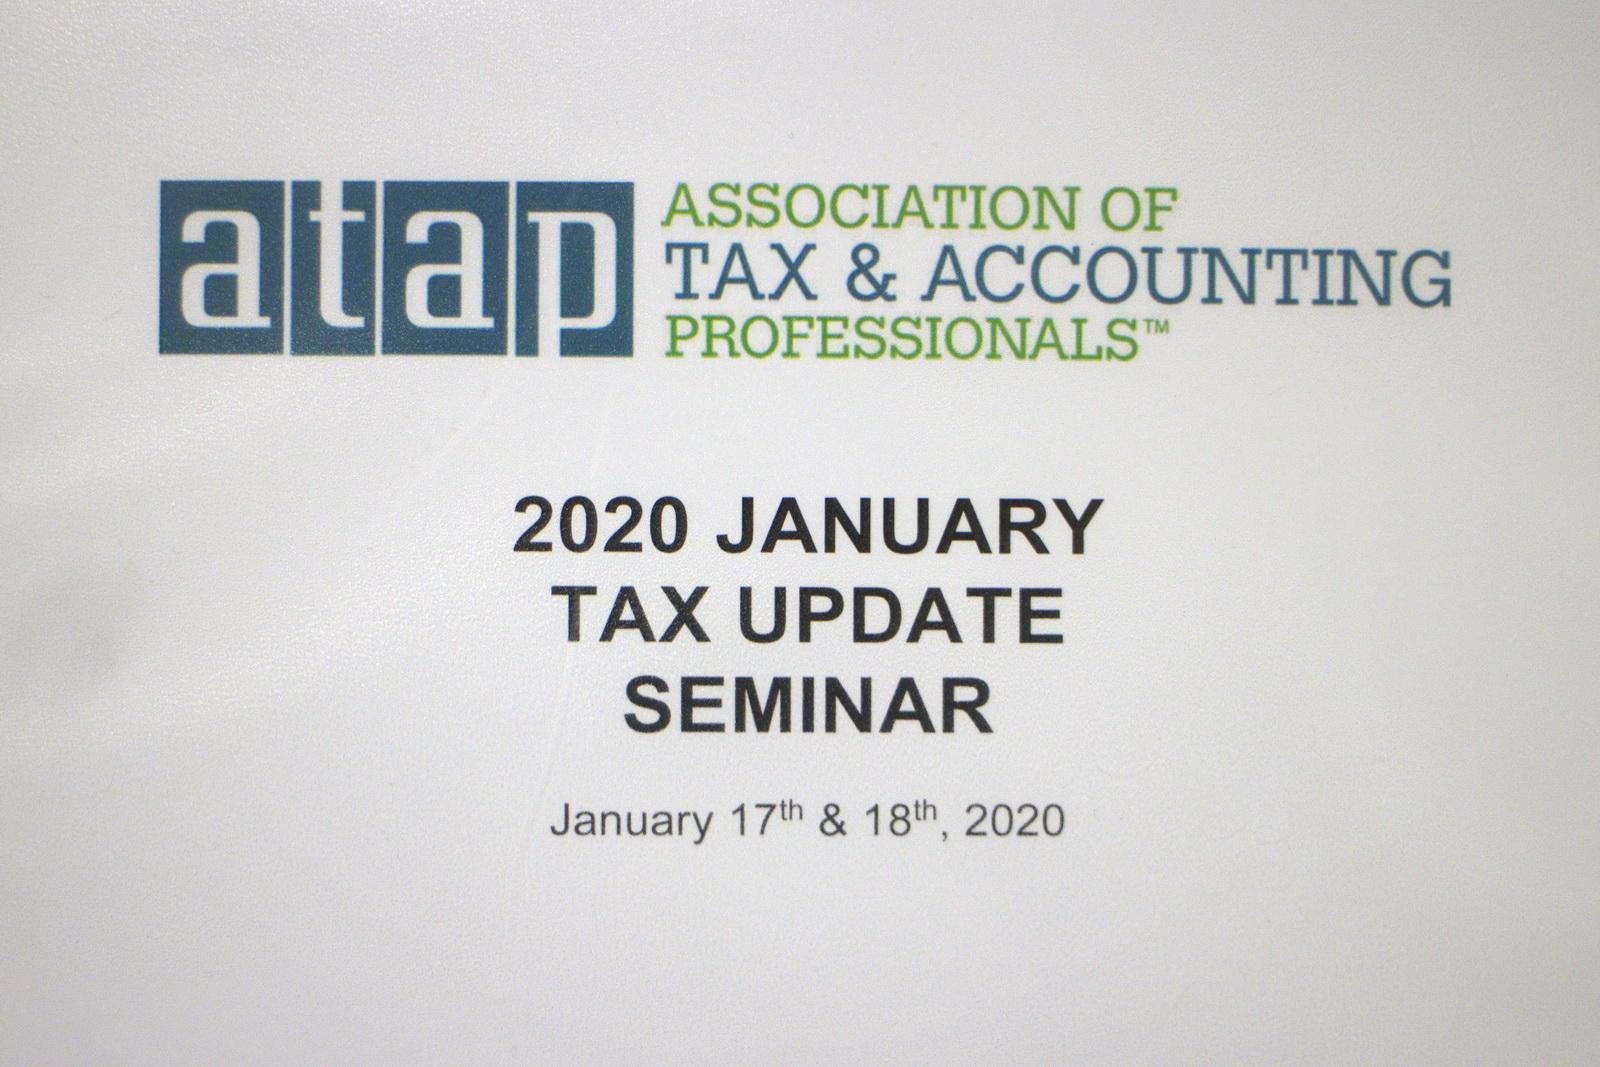 17-18 января состоялся семинар об изменениях в налоговой декларации